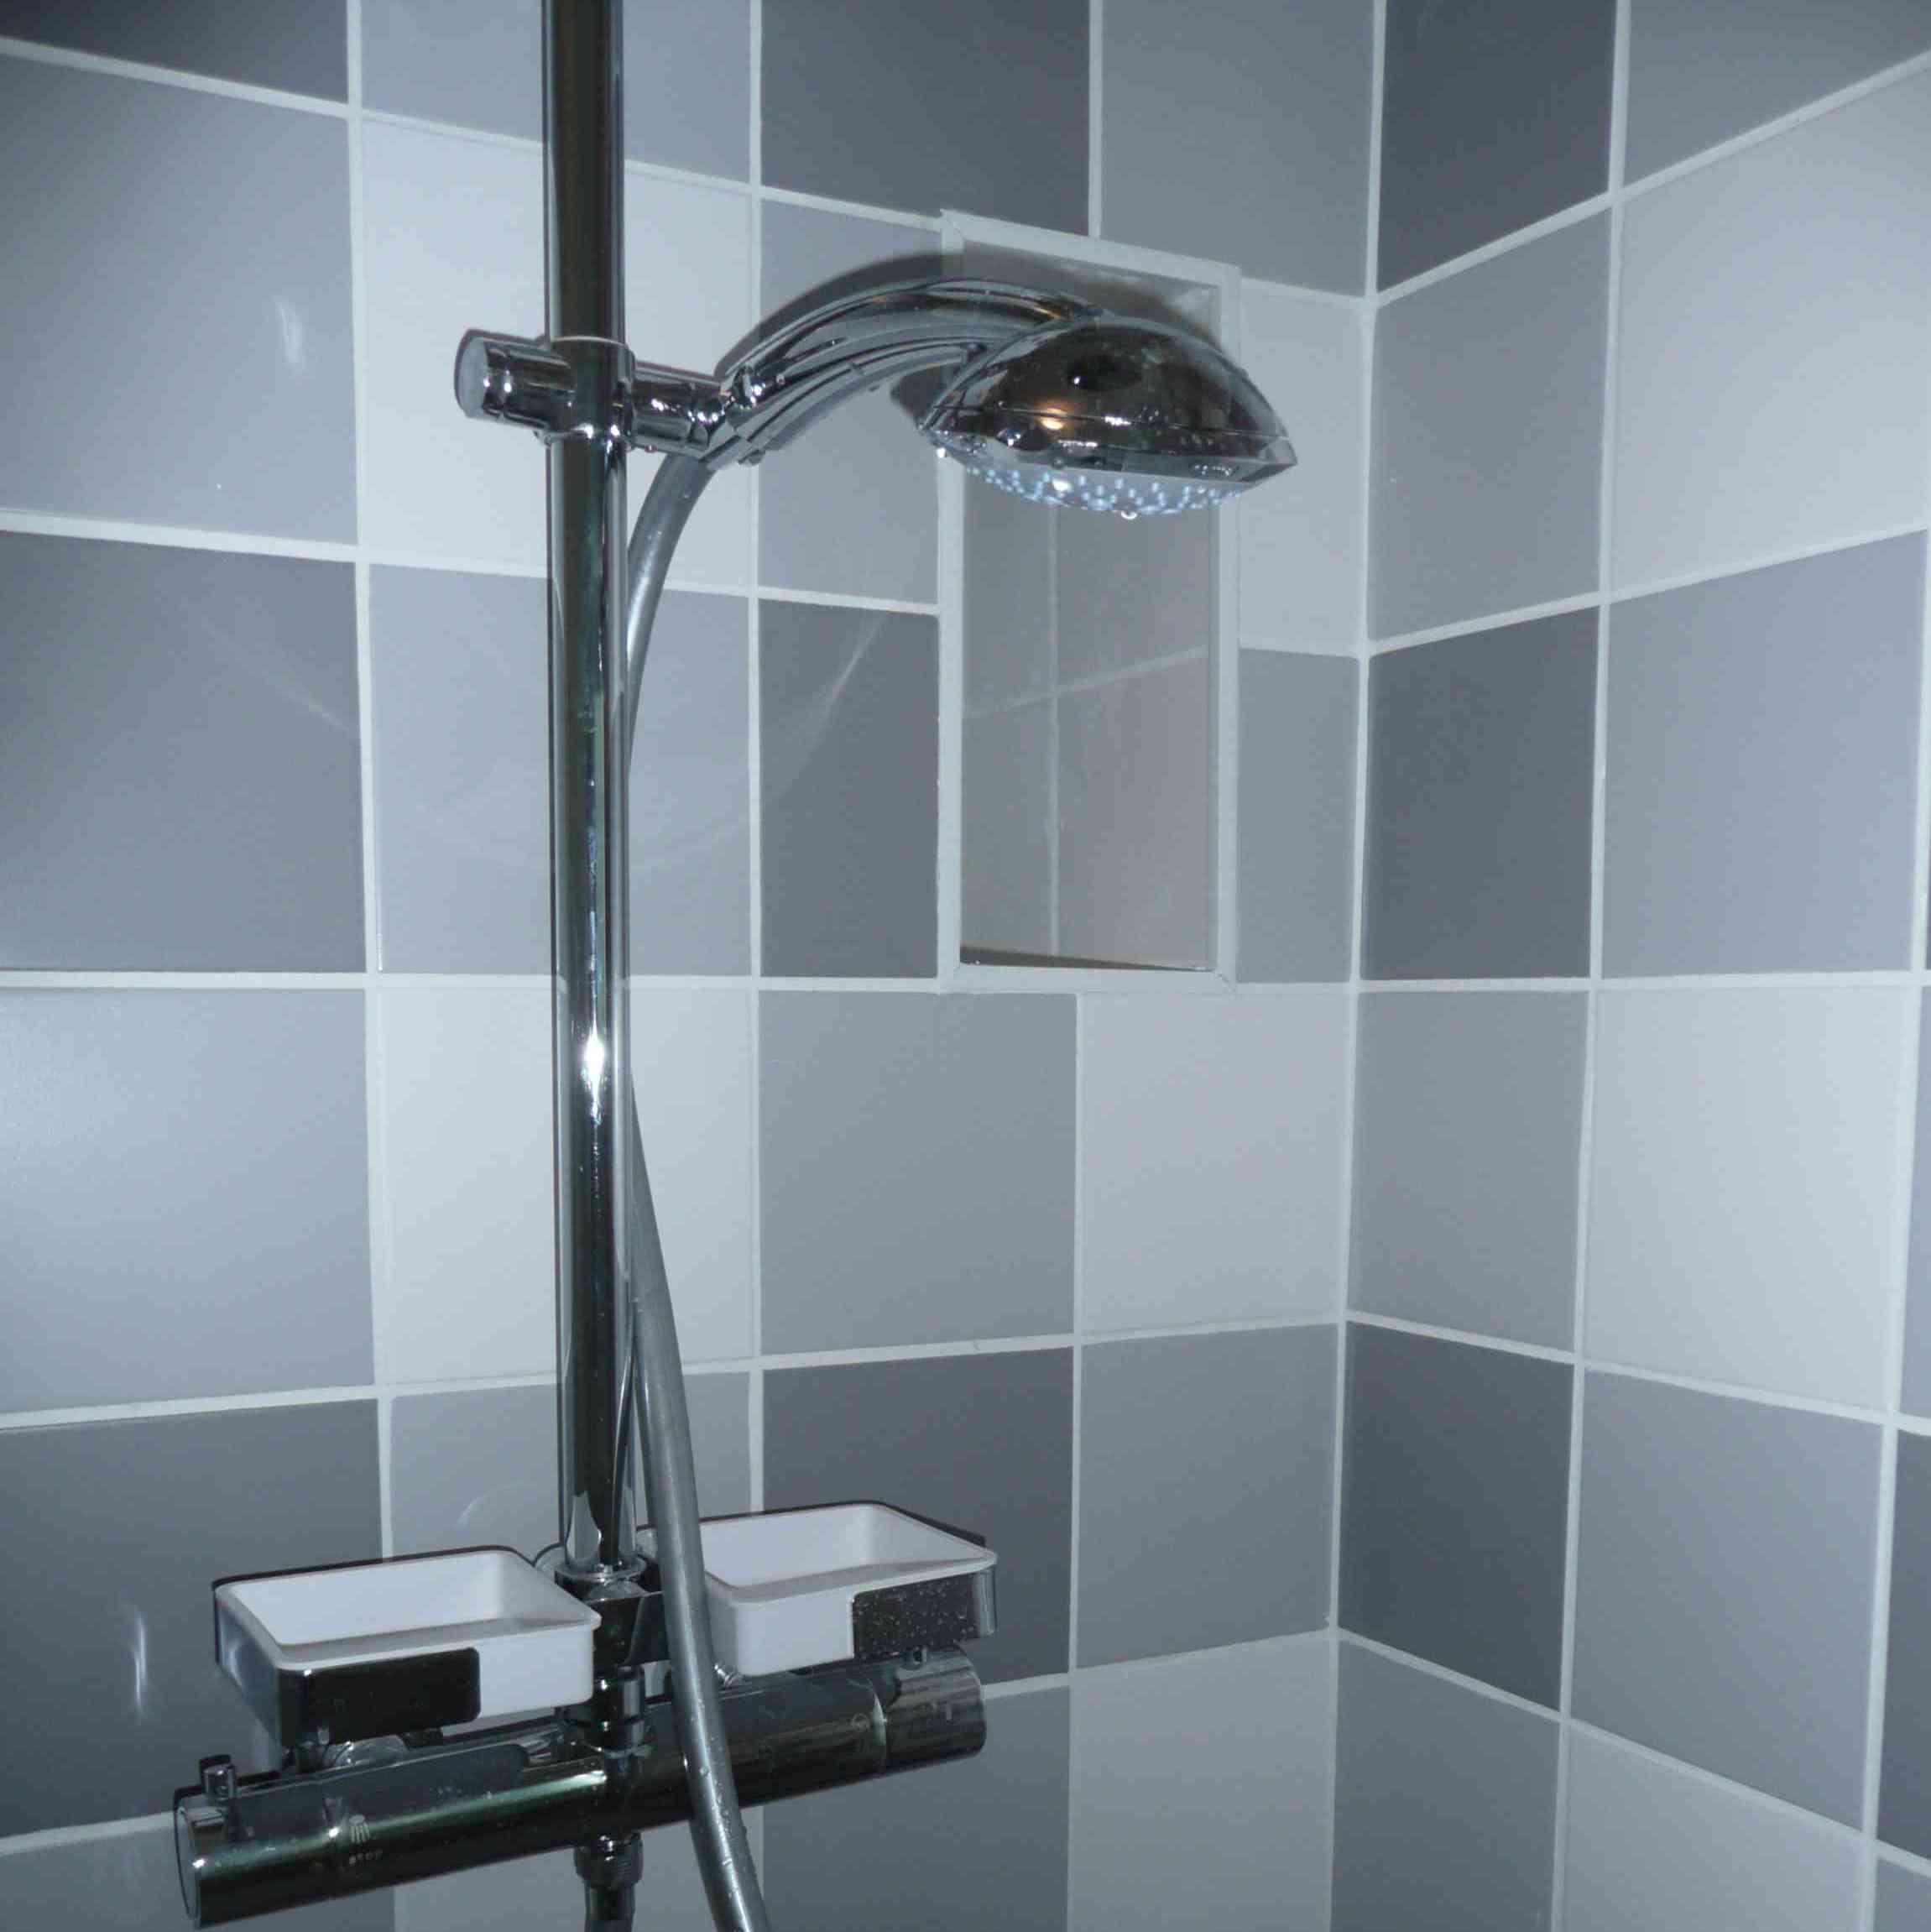 Salle de bain Lille astuce deco